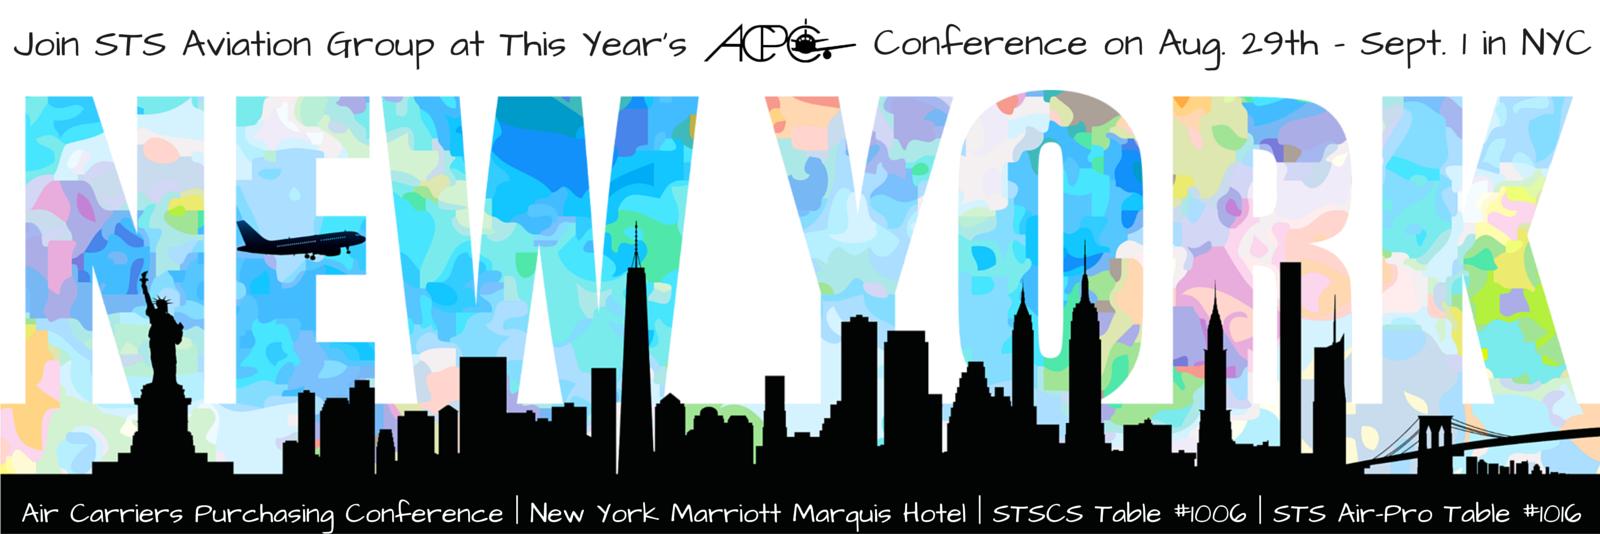 ACPC Blog